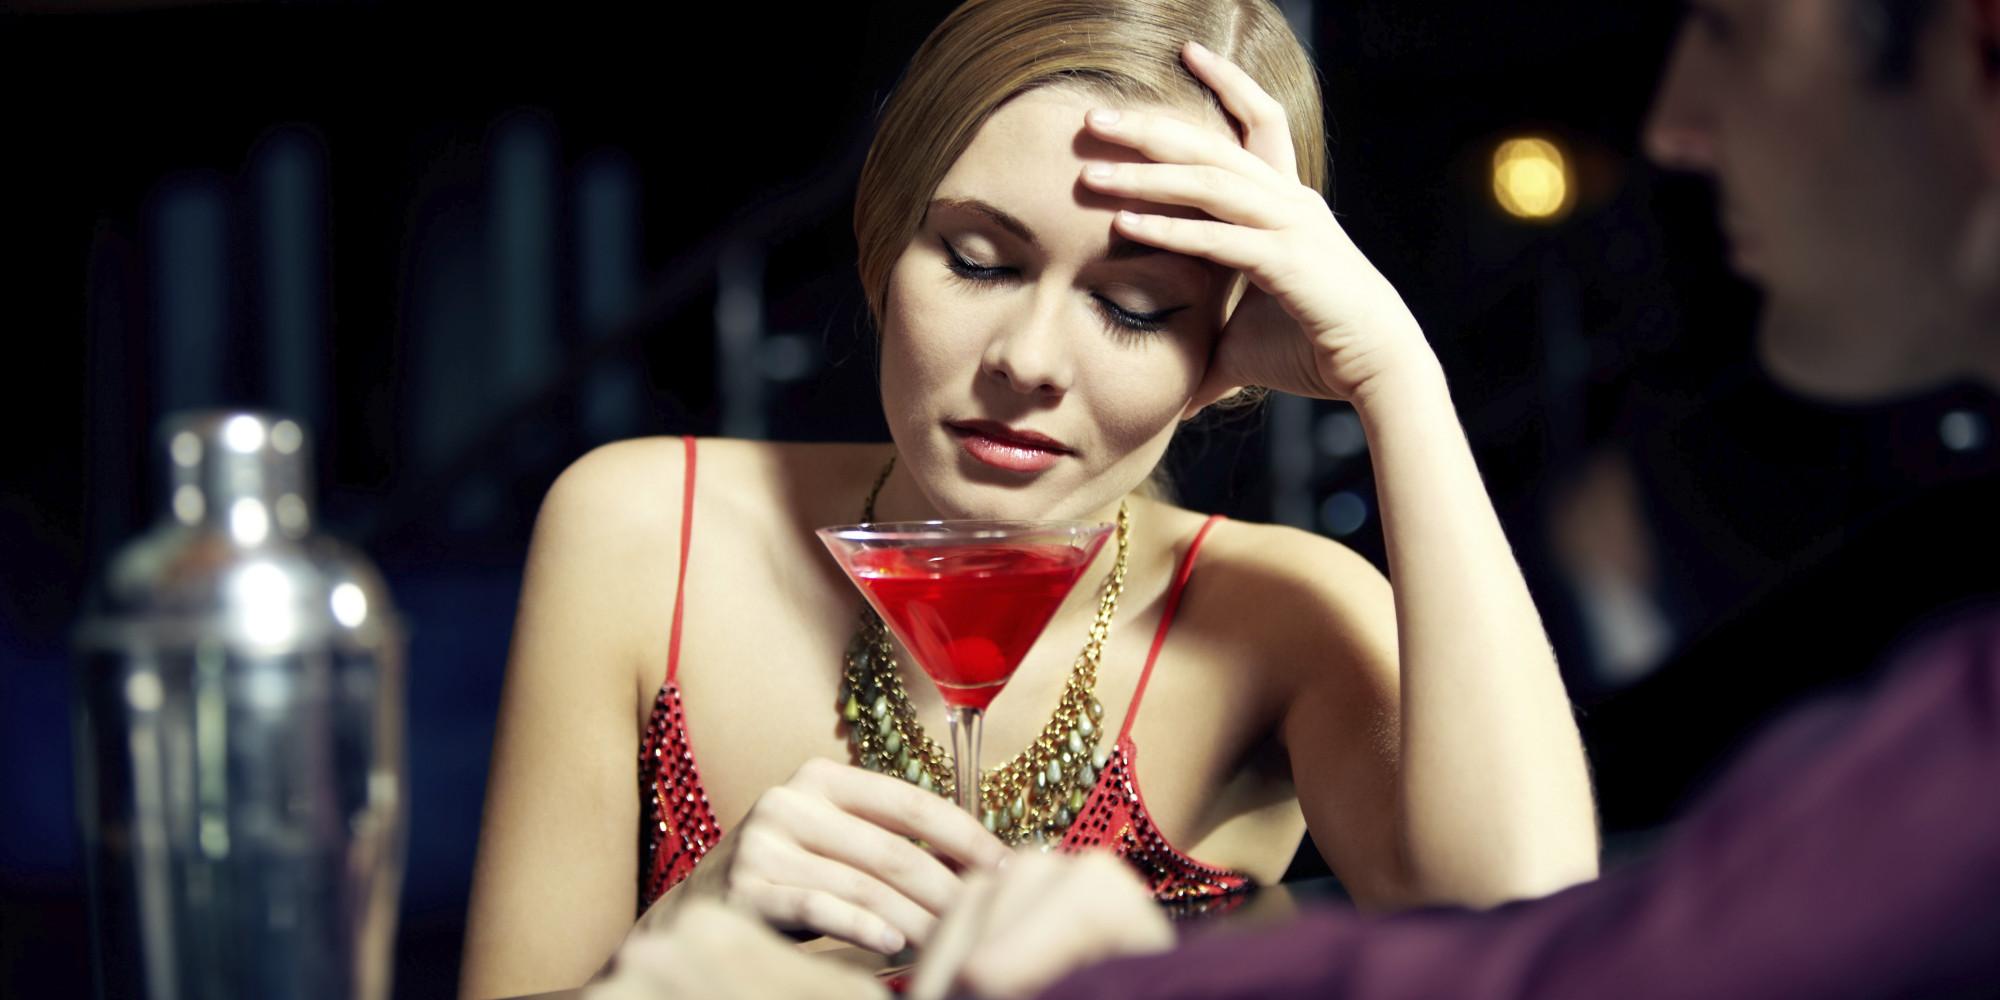 woman drink ile ilgili görsel sonucu